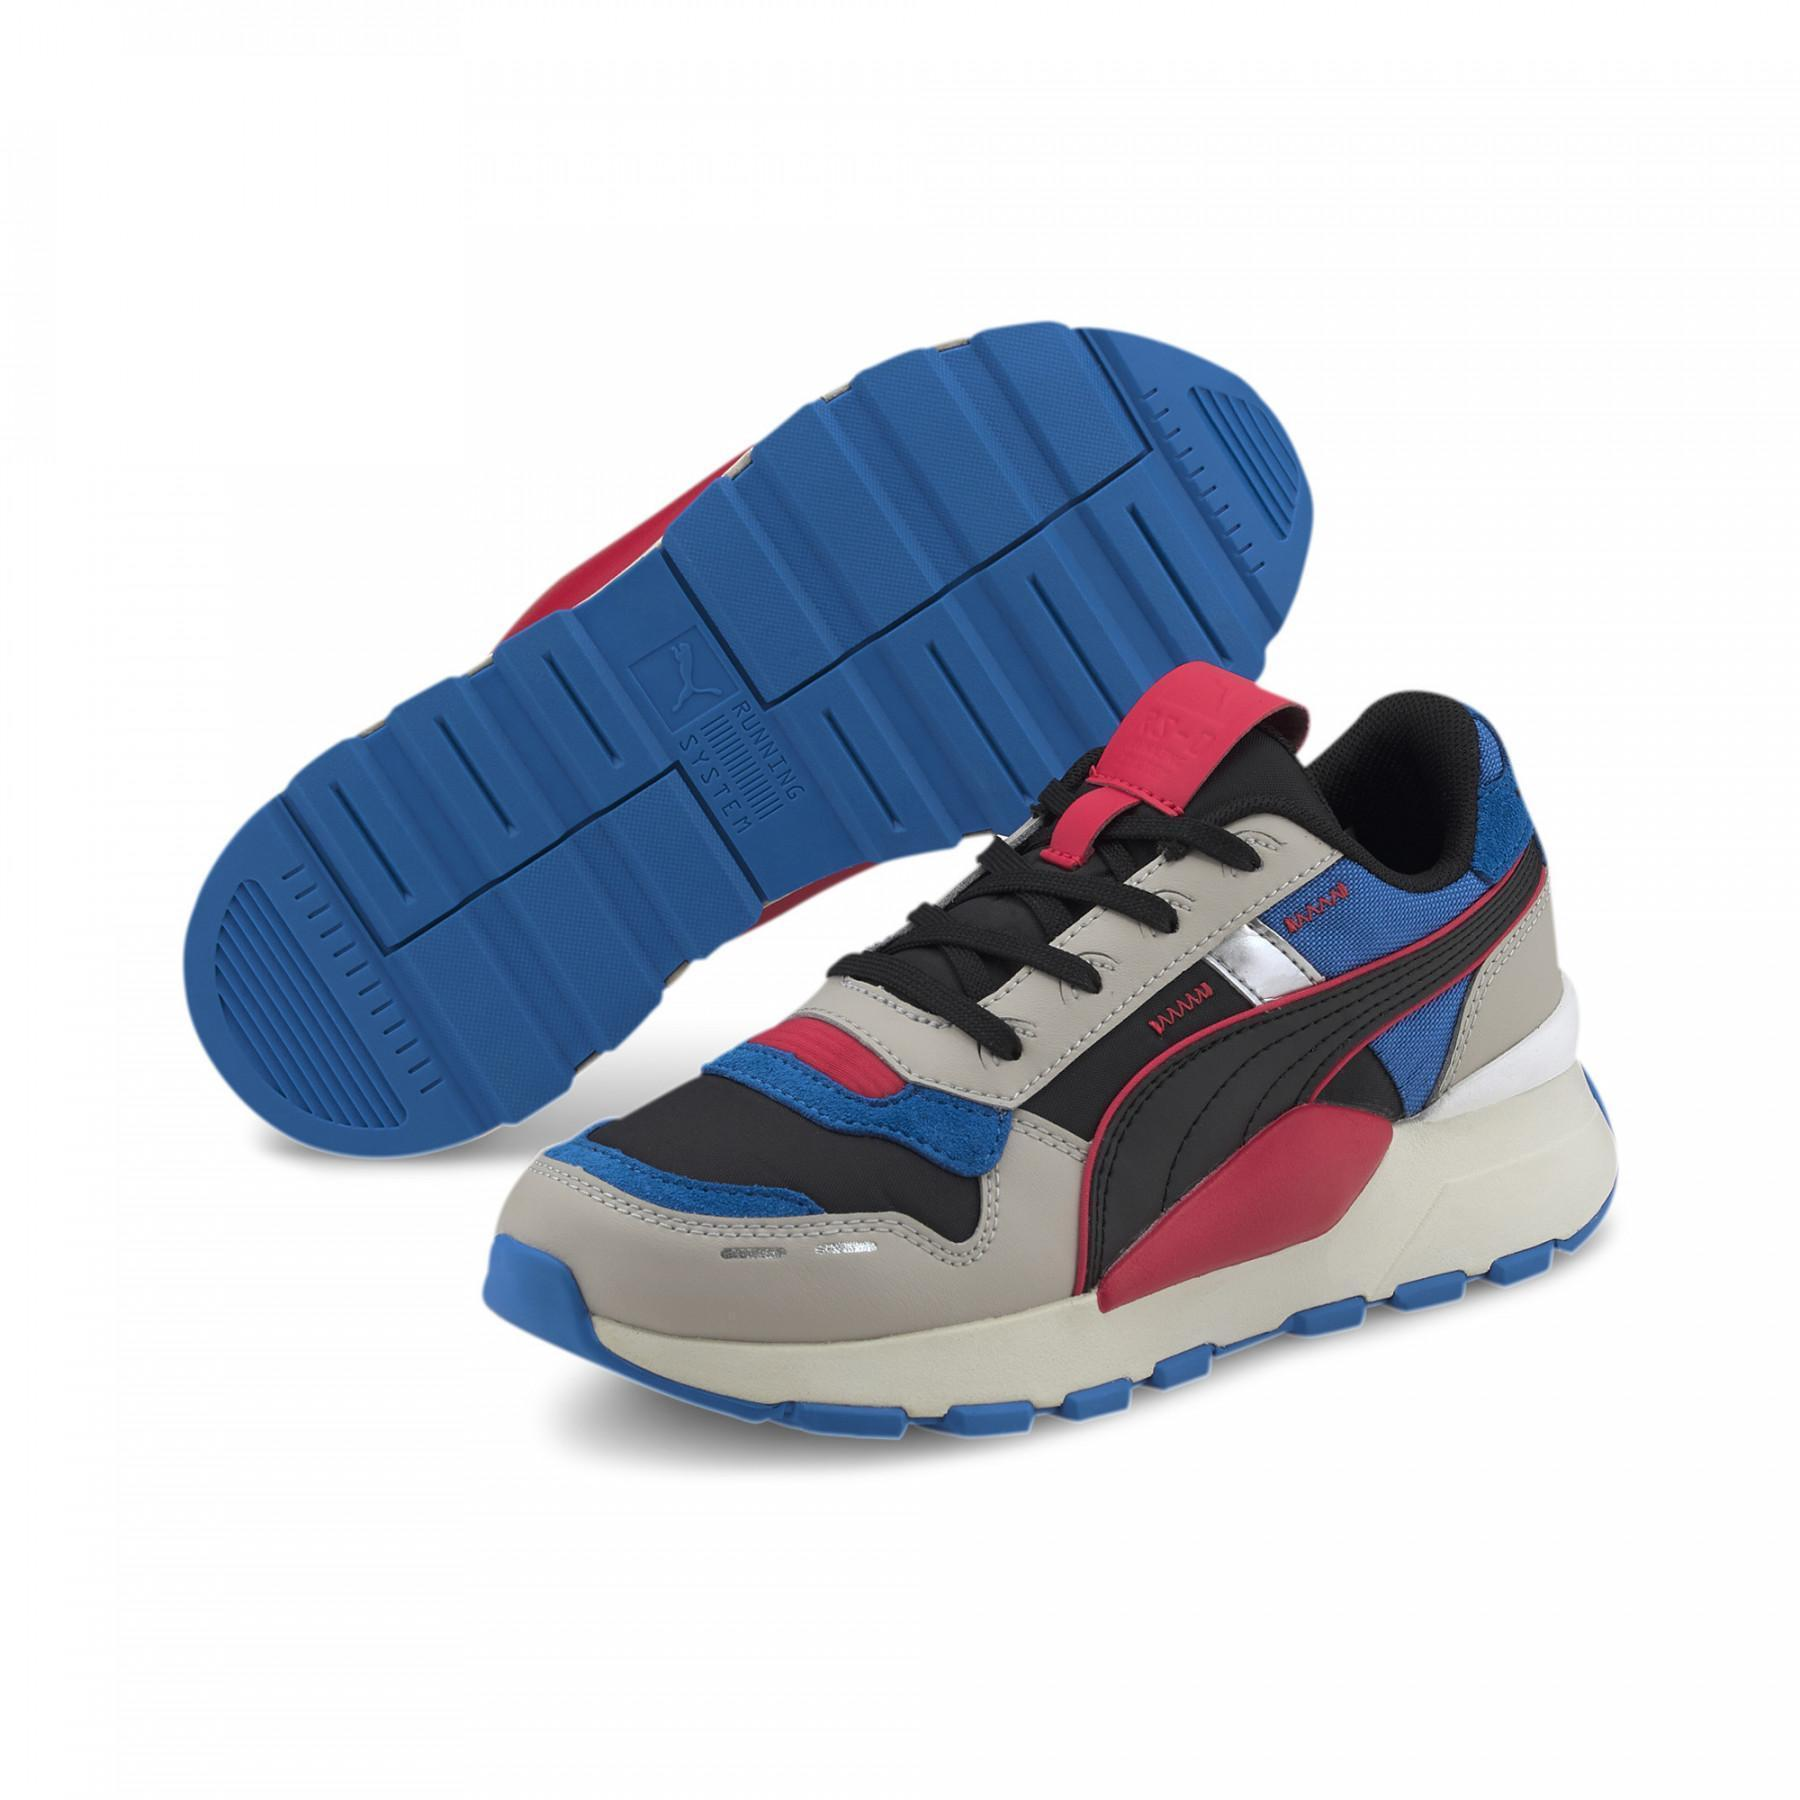 Puma RS 2.0 Futura Junior Shoes